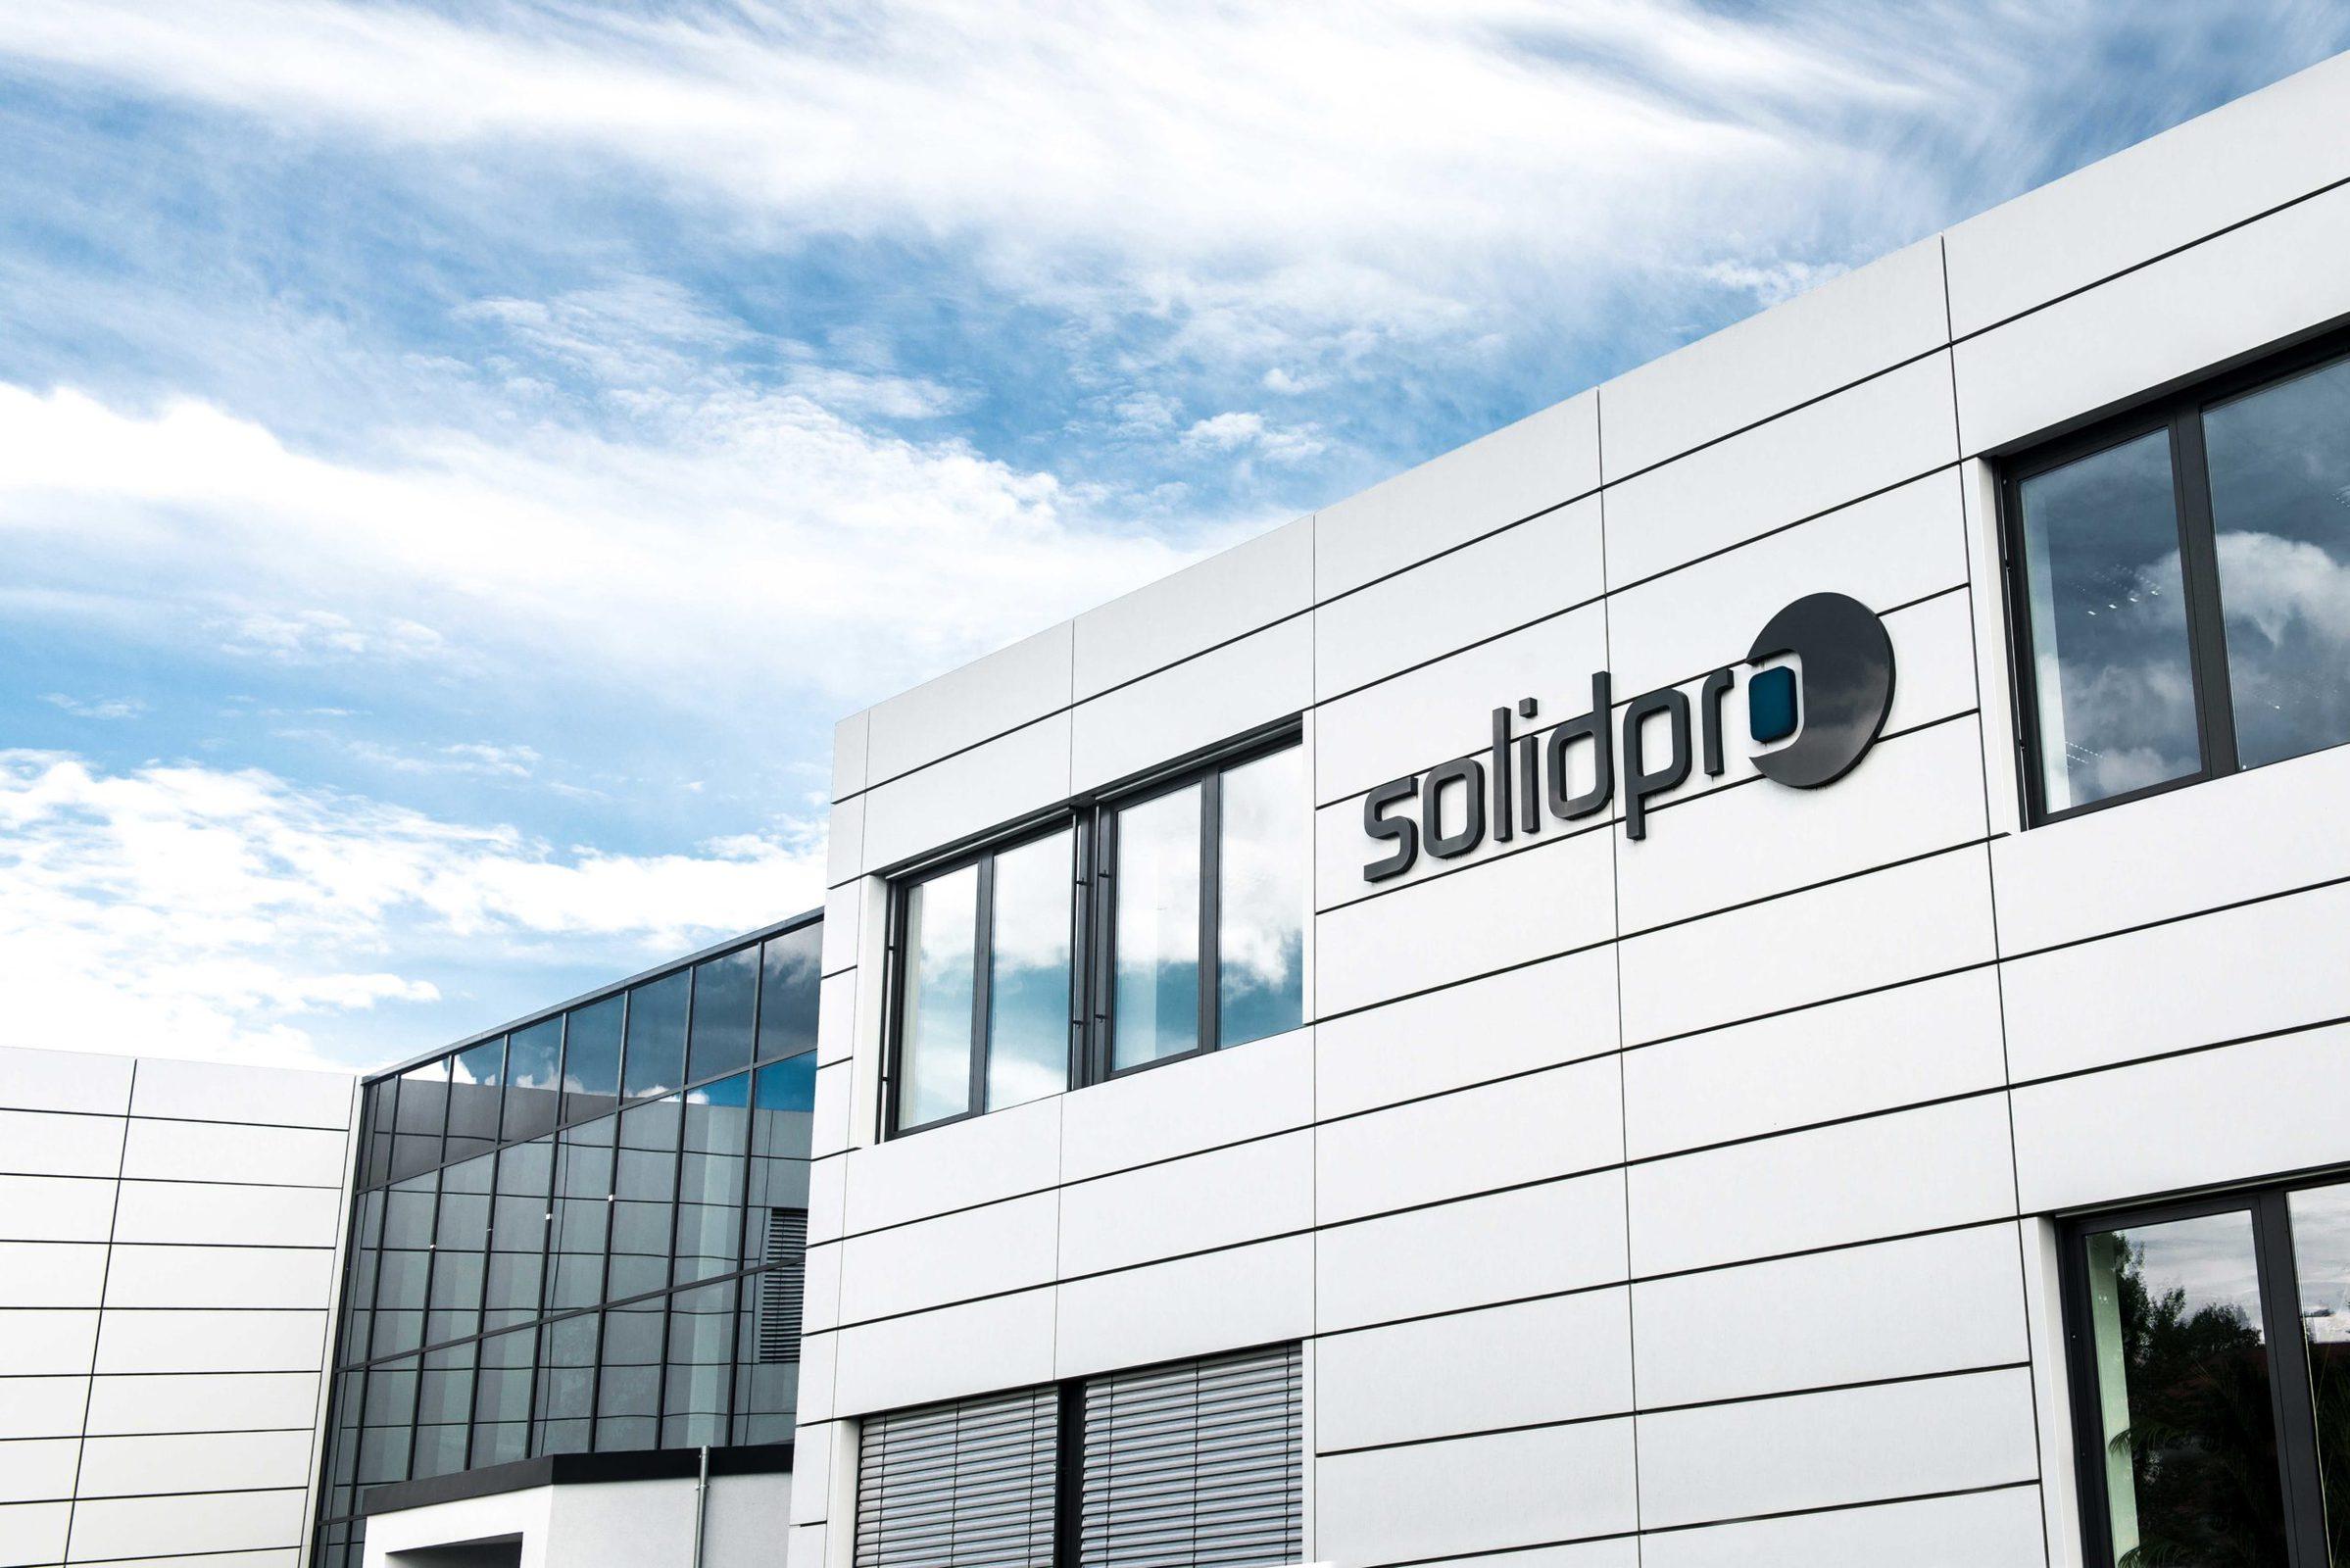 Solidpro Firmengebäude in Langenau